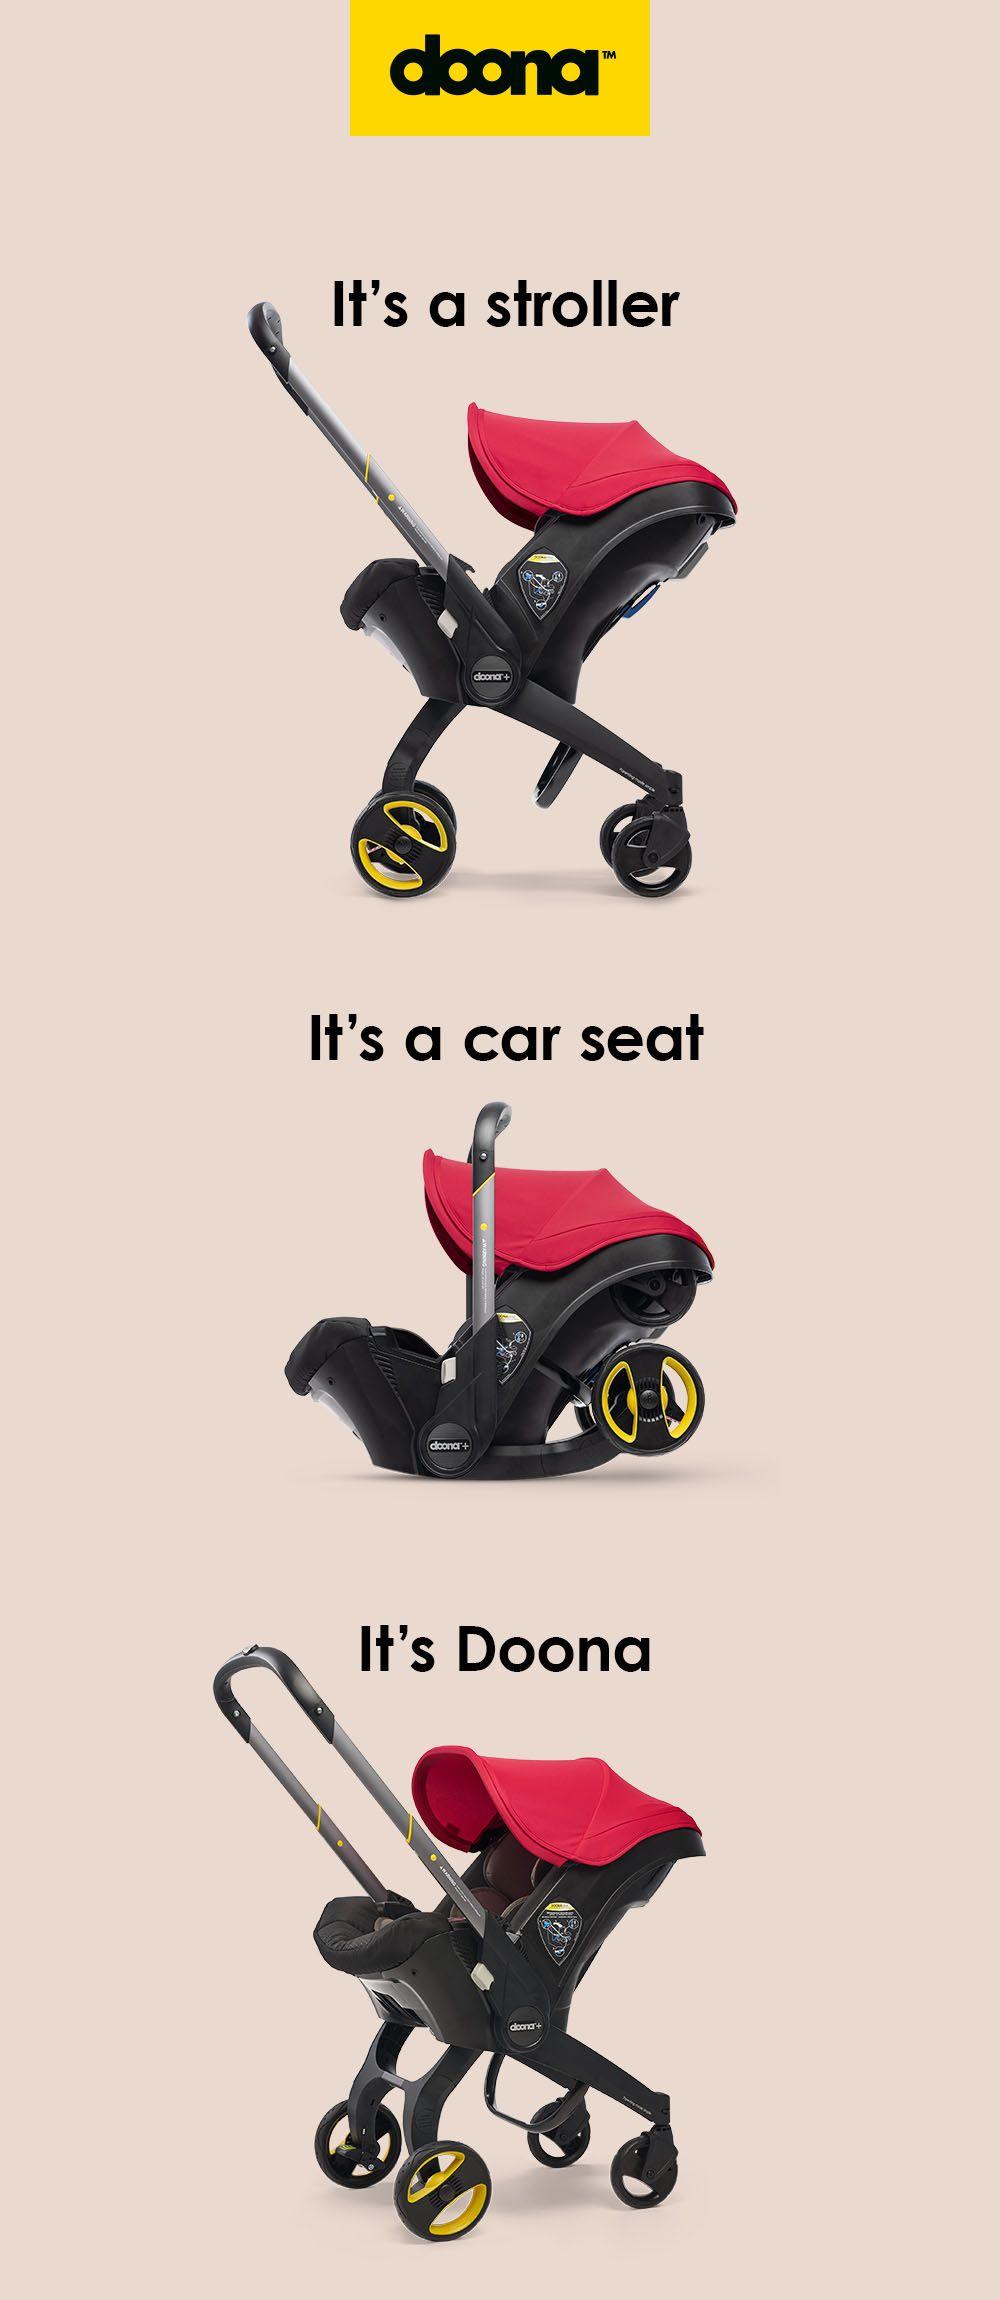 Doona Car Seat & Stroller in 2020 (With images) Doona